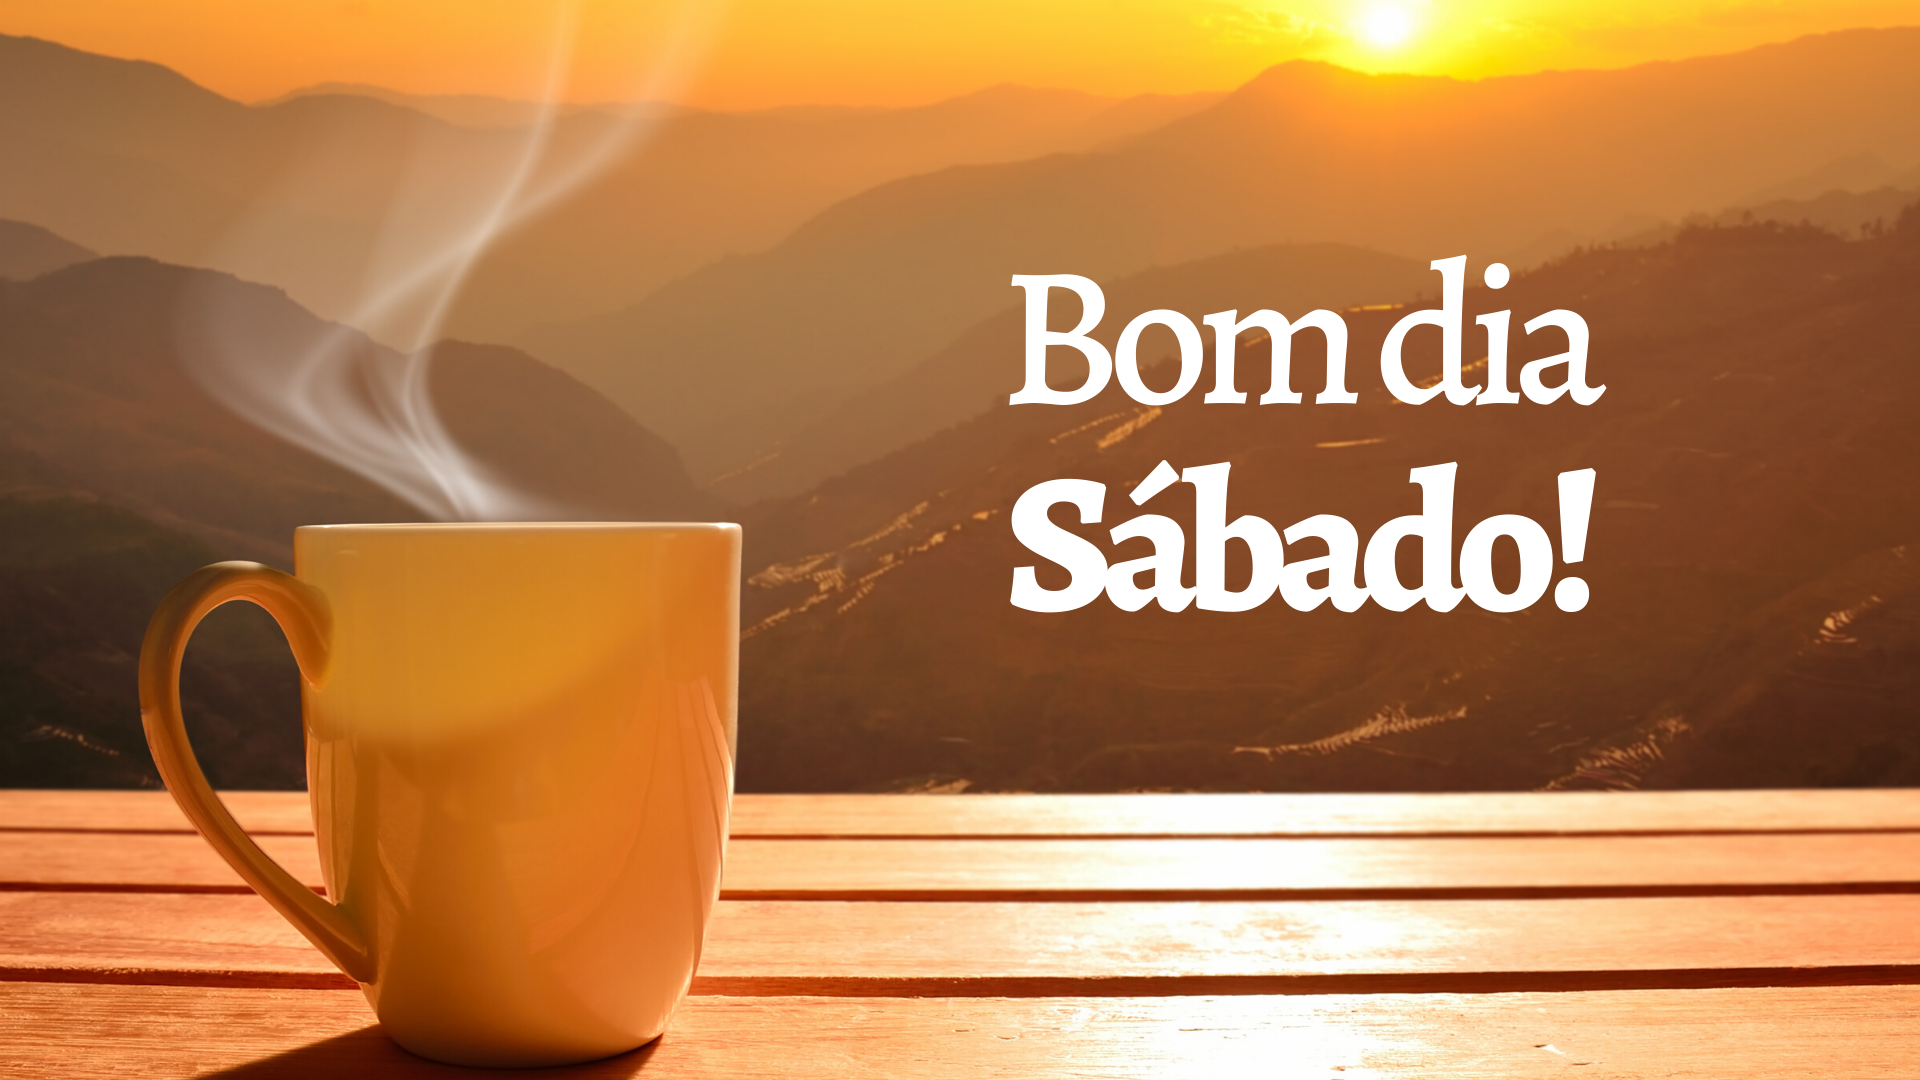 Bom Dia Para Você Aproveite O Sábado: 50 Mensagens De Bom Dia Sábado Para Deixar O Dia Mais